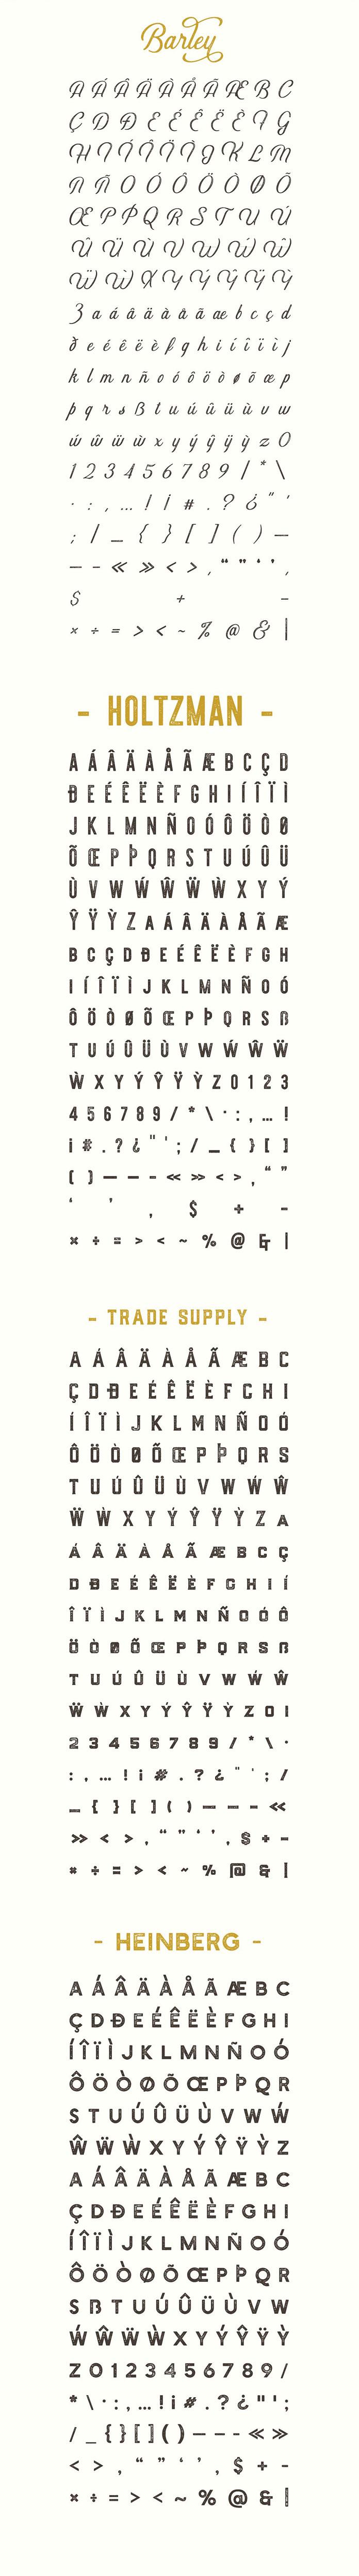 Full glyph set.